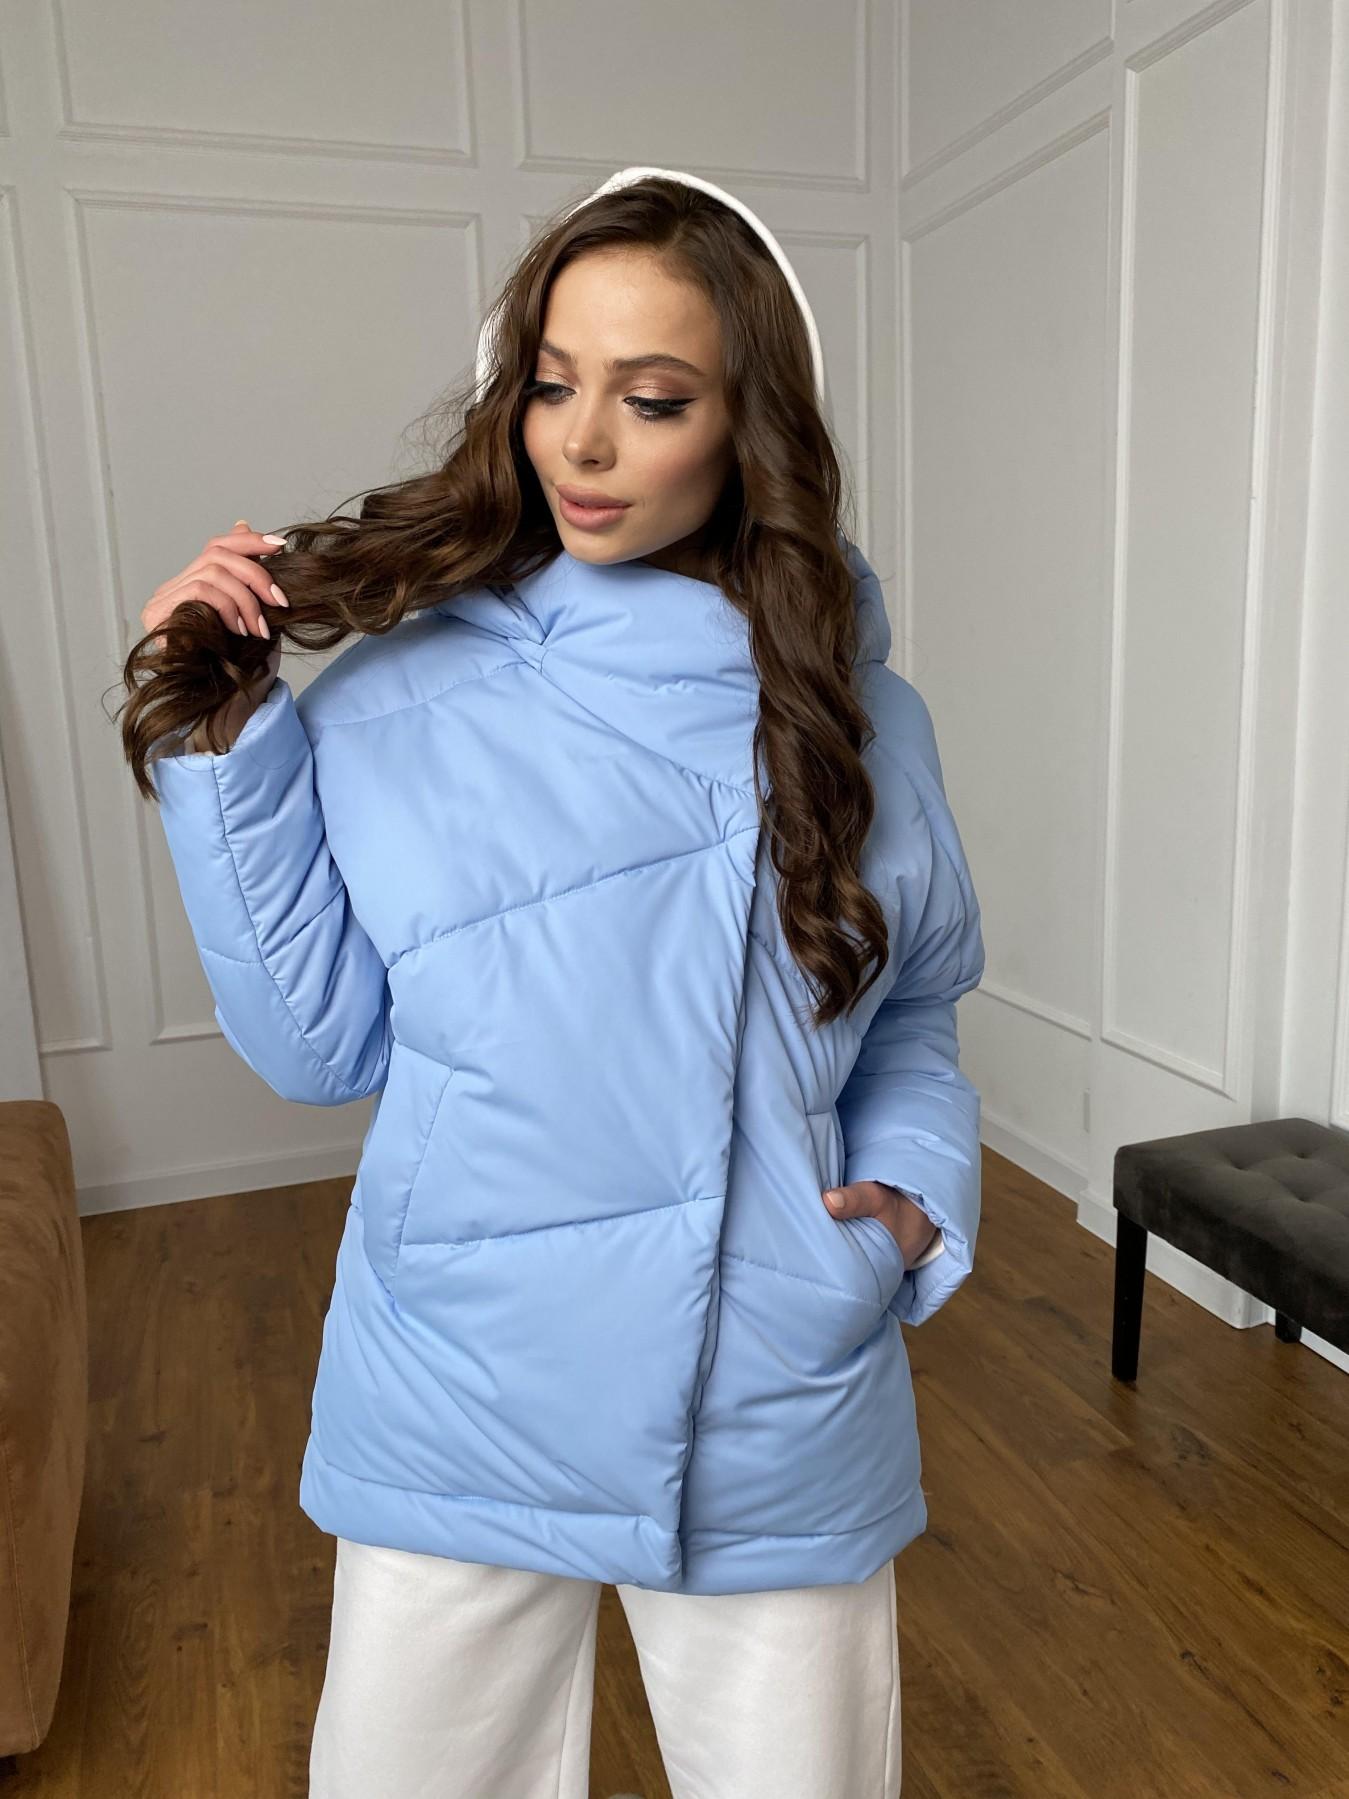 Уно куртка плащевка Ammy 10671 АРТ. 47398 Цвет: Голубой - фото 6, интернет магазин tm-modus.ru